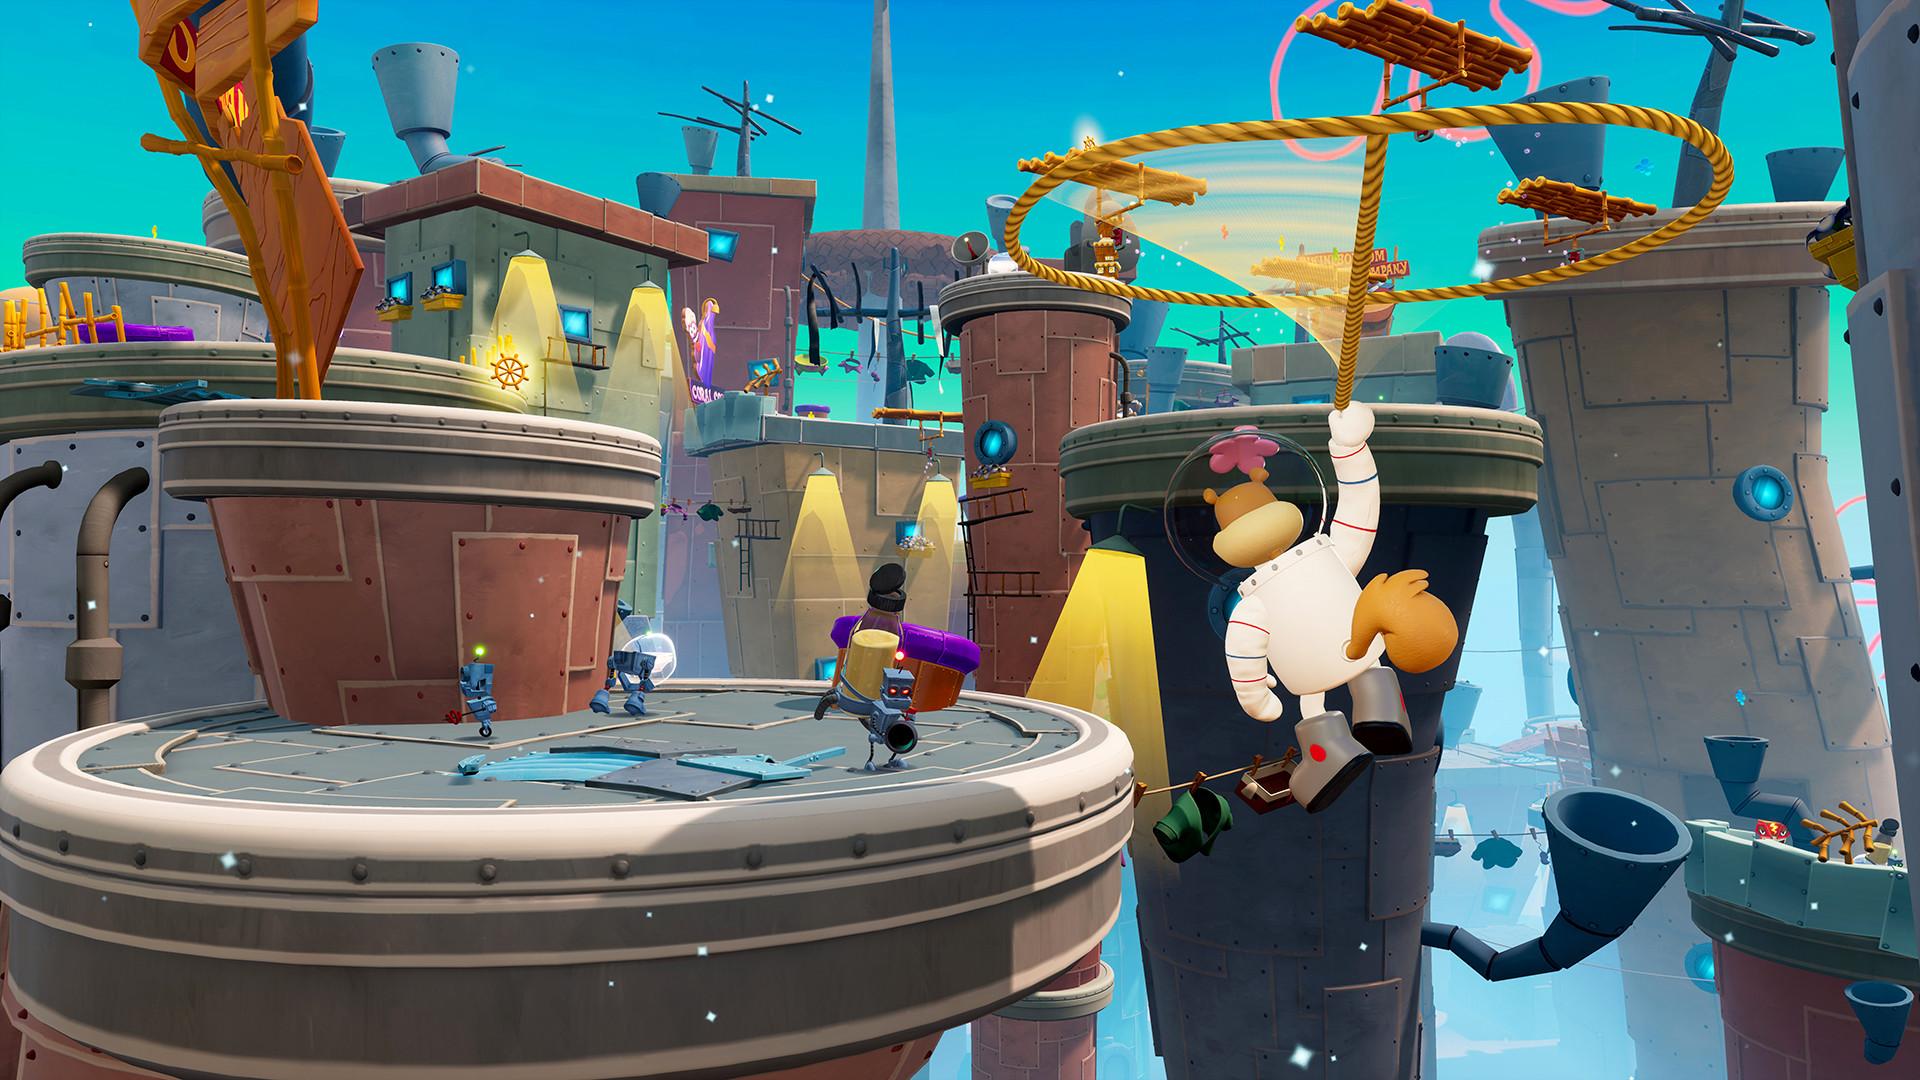 《海绵宝宝:争霸比基尼海滩 - 再注水》新预告 Steam定价159元